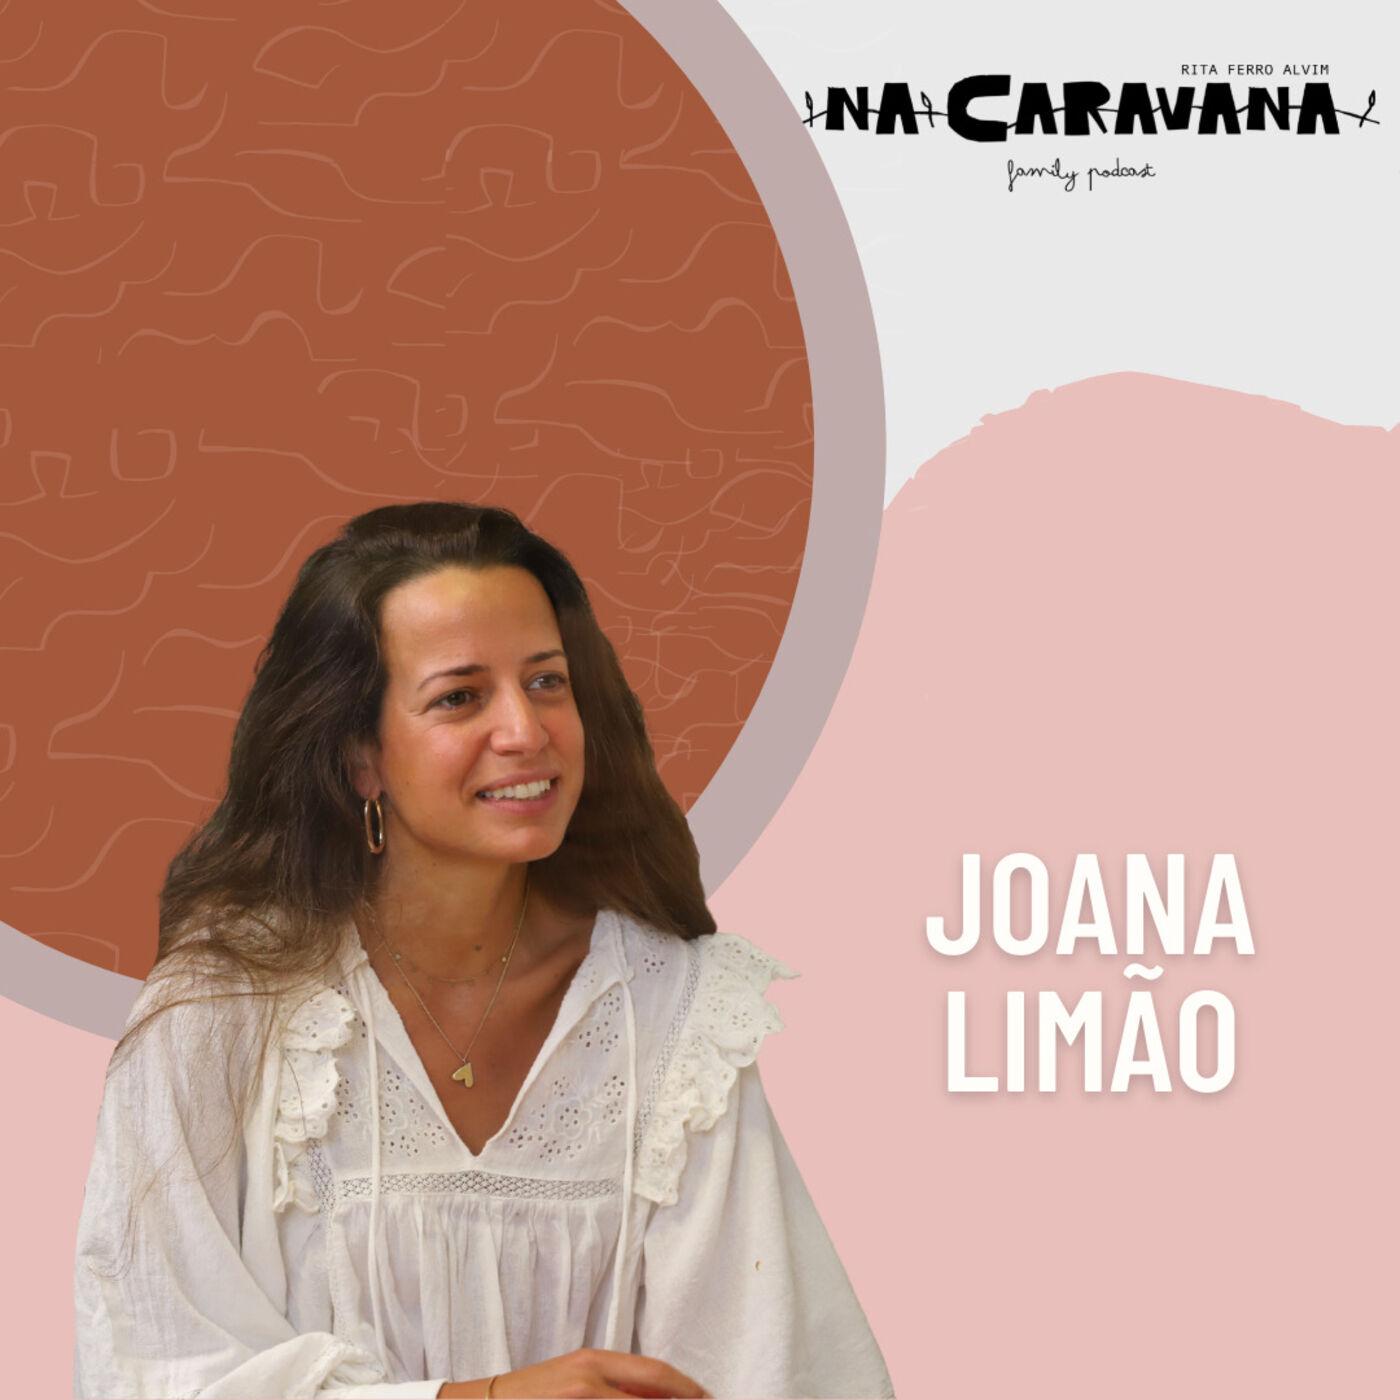 N'A Caravana com Joana Limão #93 Apagar a infância, fase de lata e família na cozinha